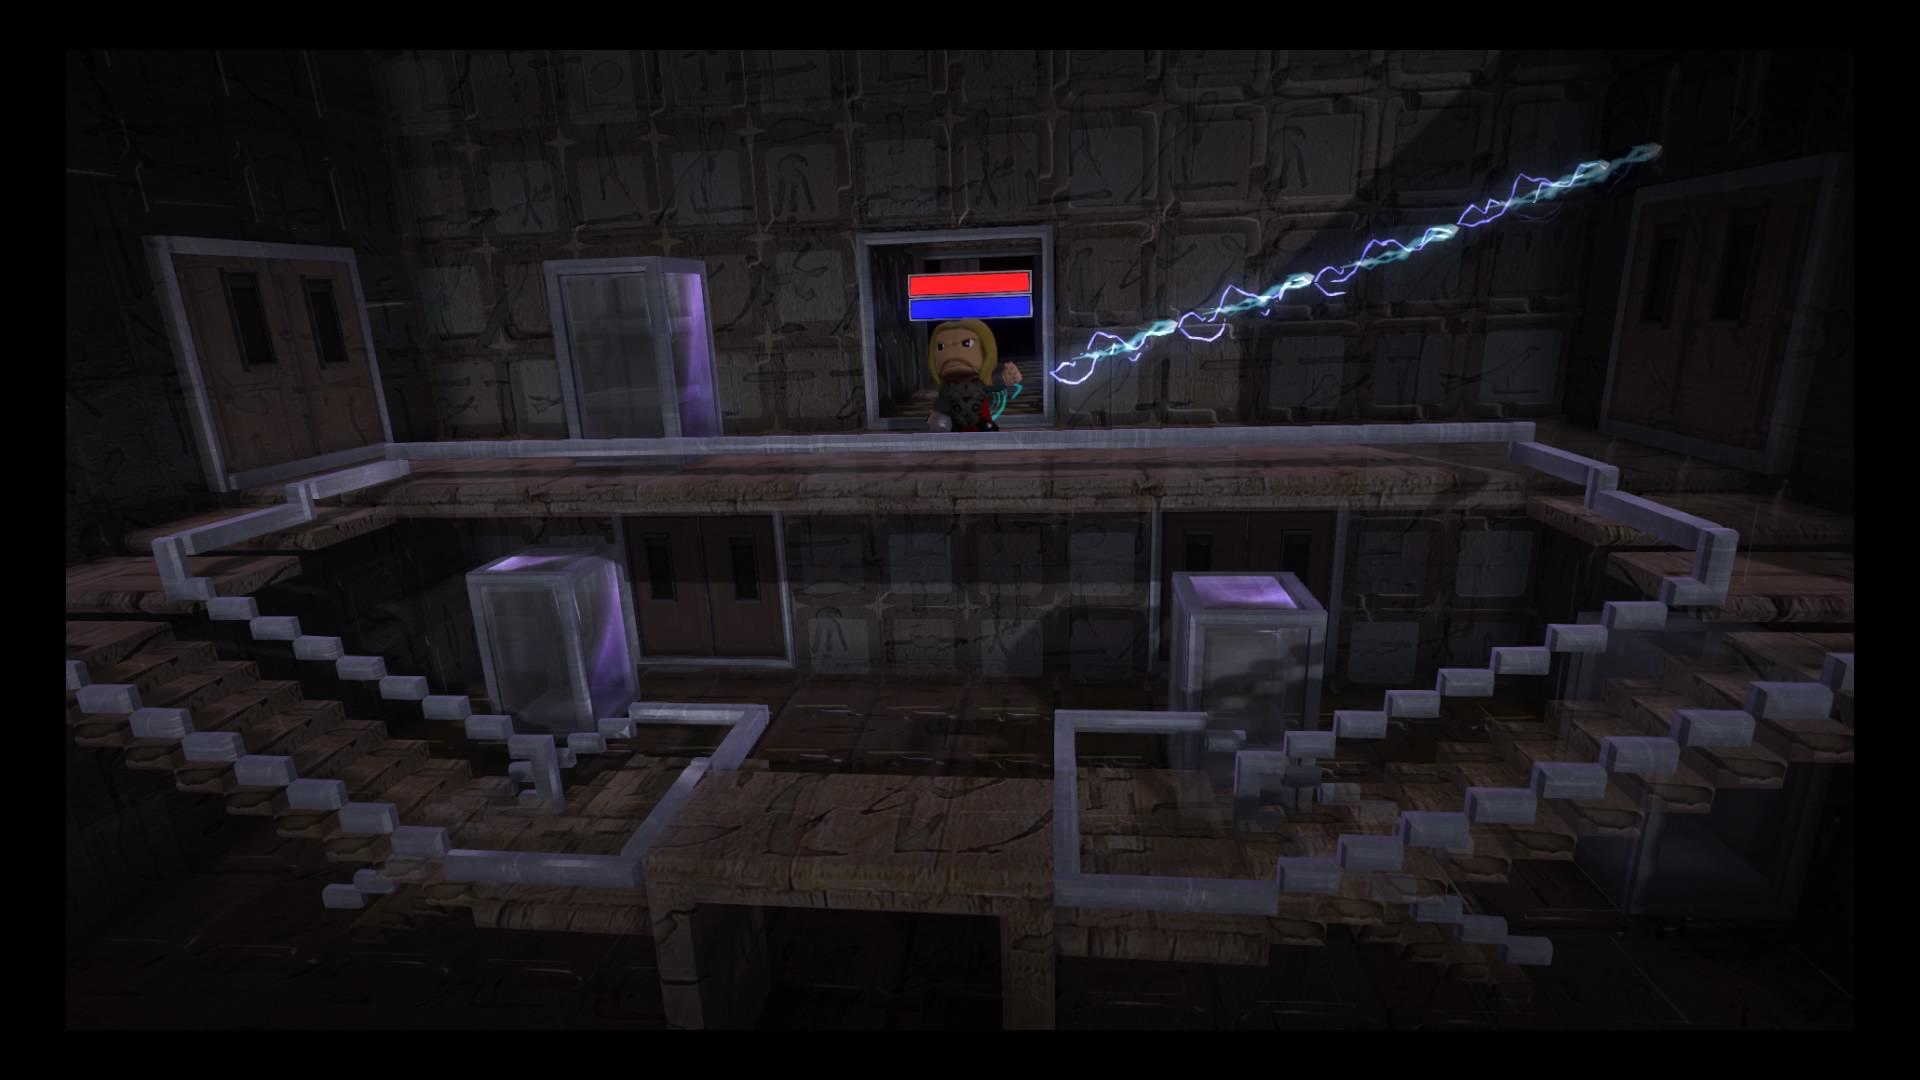 Thor Enters the Sanctum Sanctorum